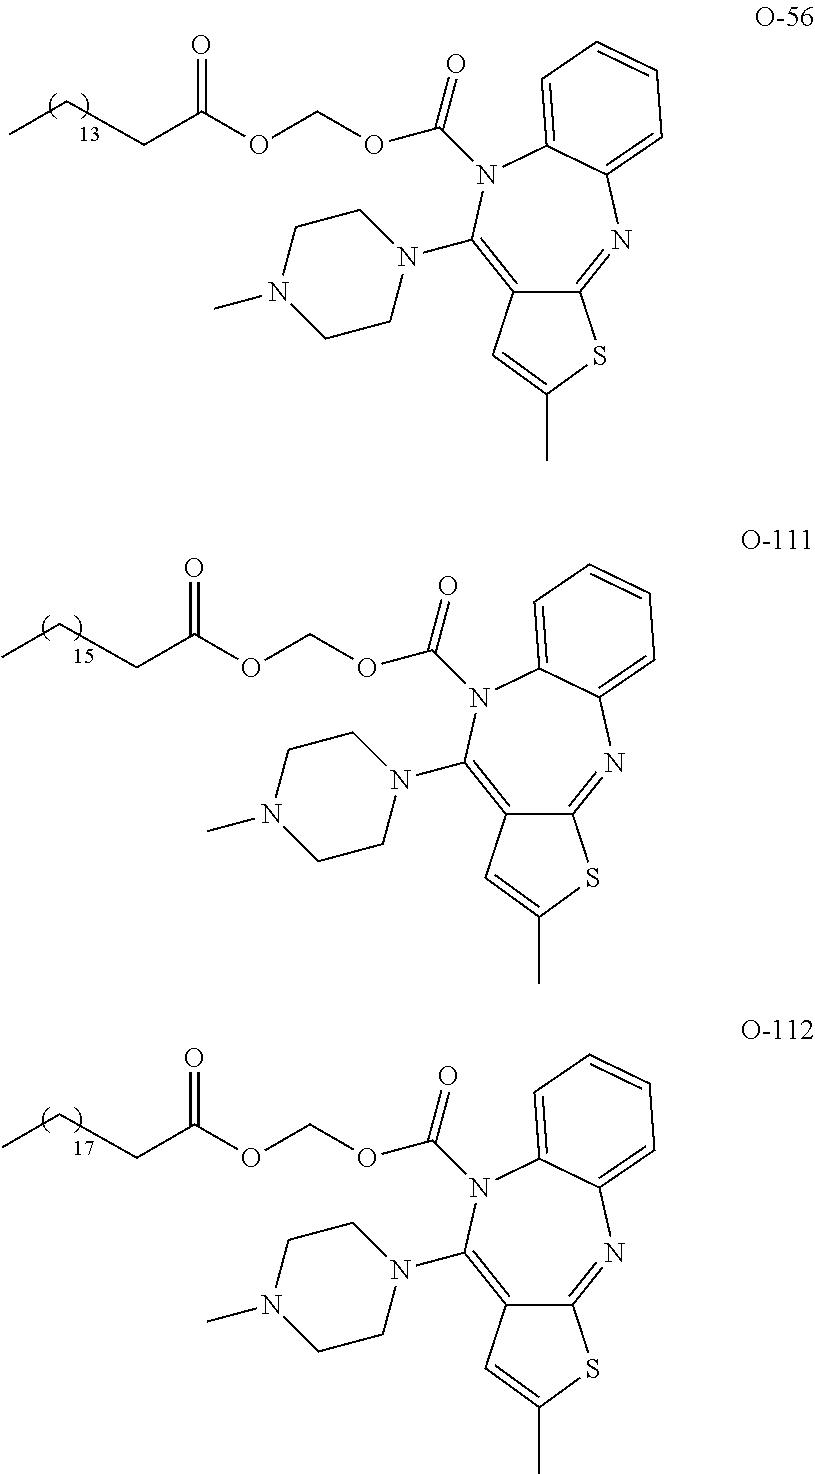 Figure US09993556-20180612-C00013